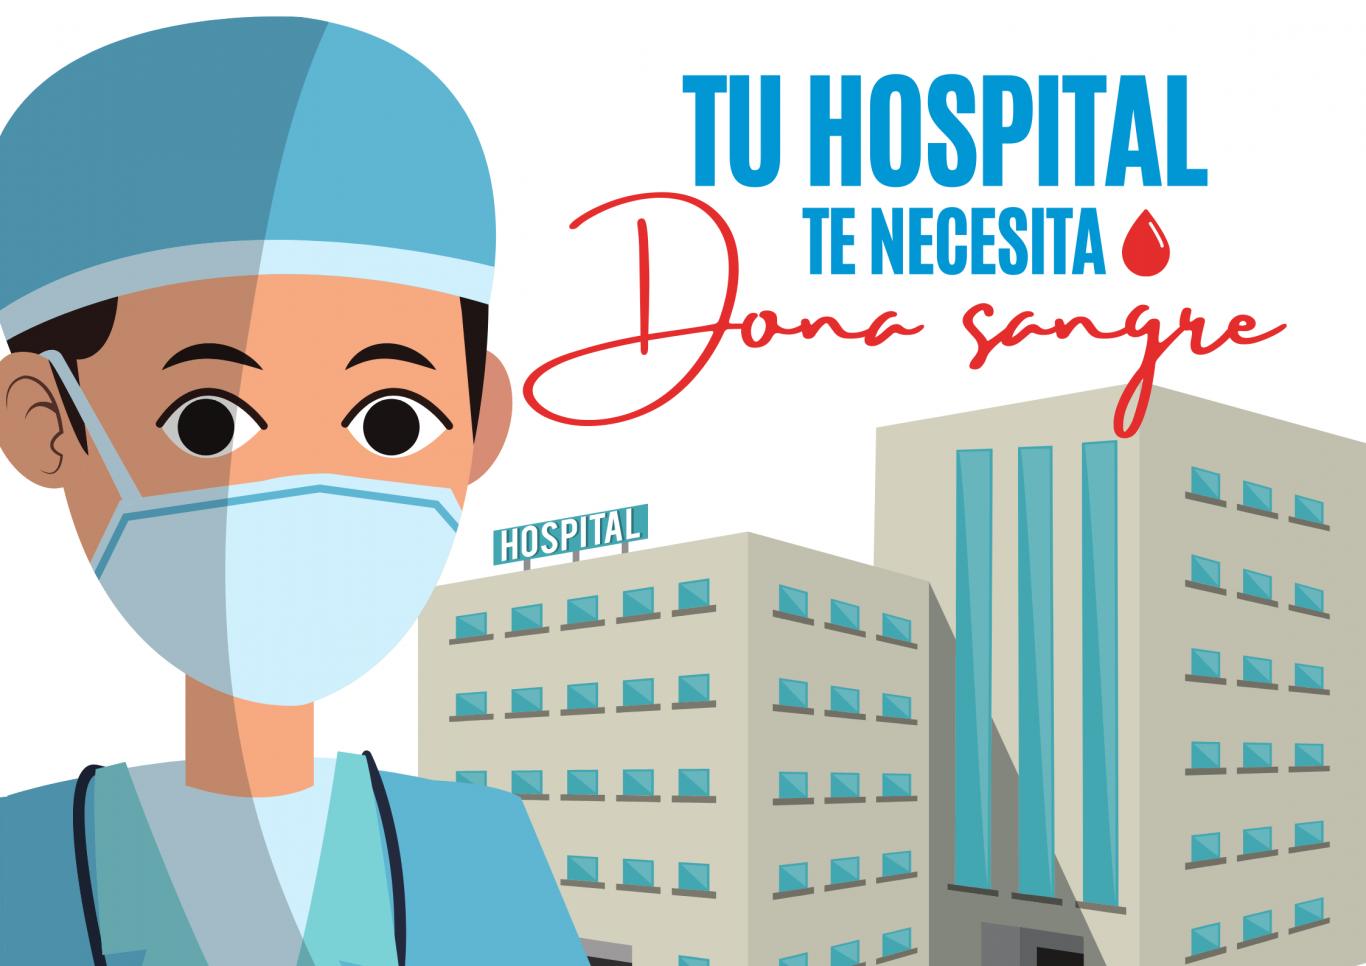 imagen prediseñada de un hospital y rostro de un profesional sanitario junto con el lema Tu hospital te necesita Dona sangre